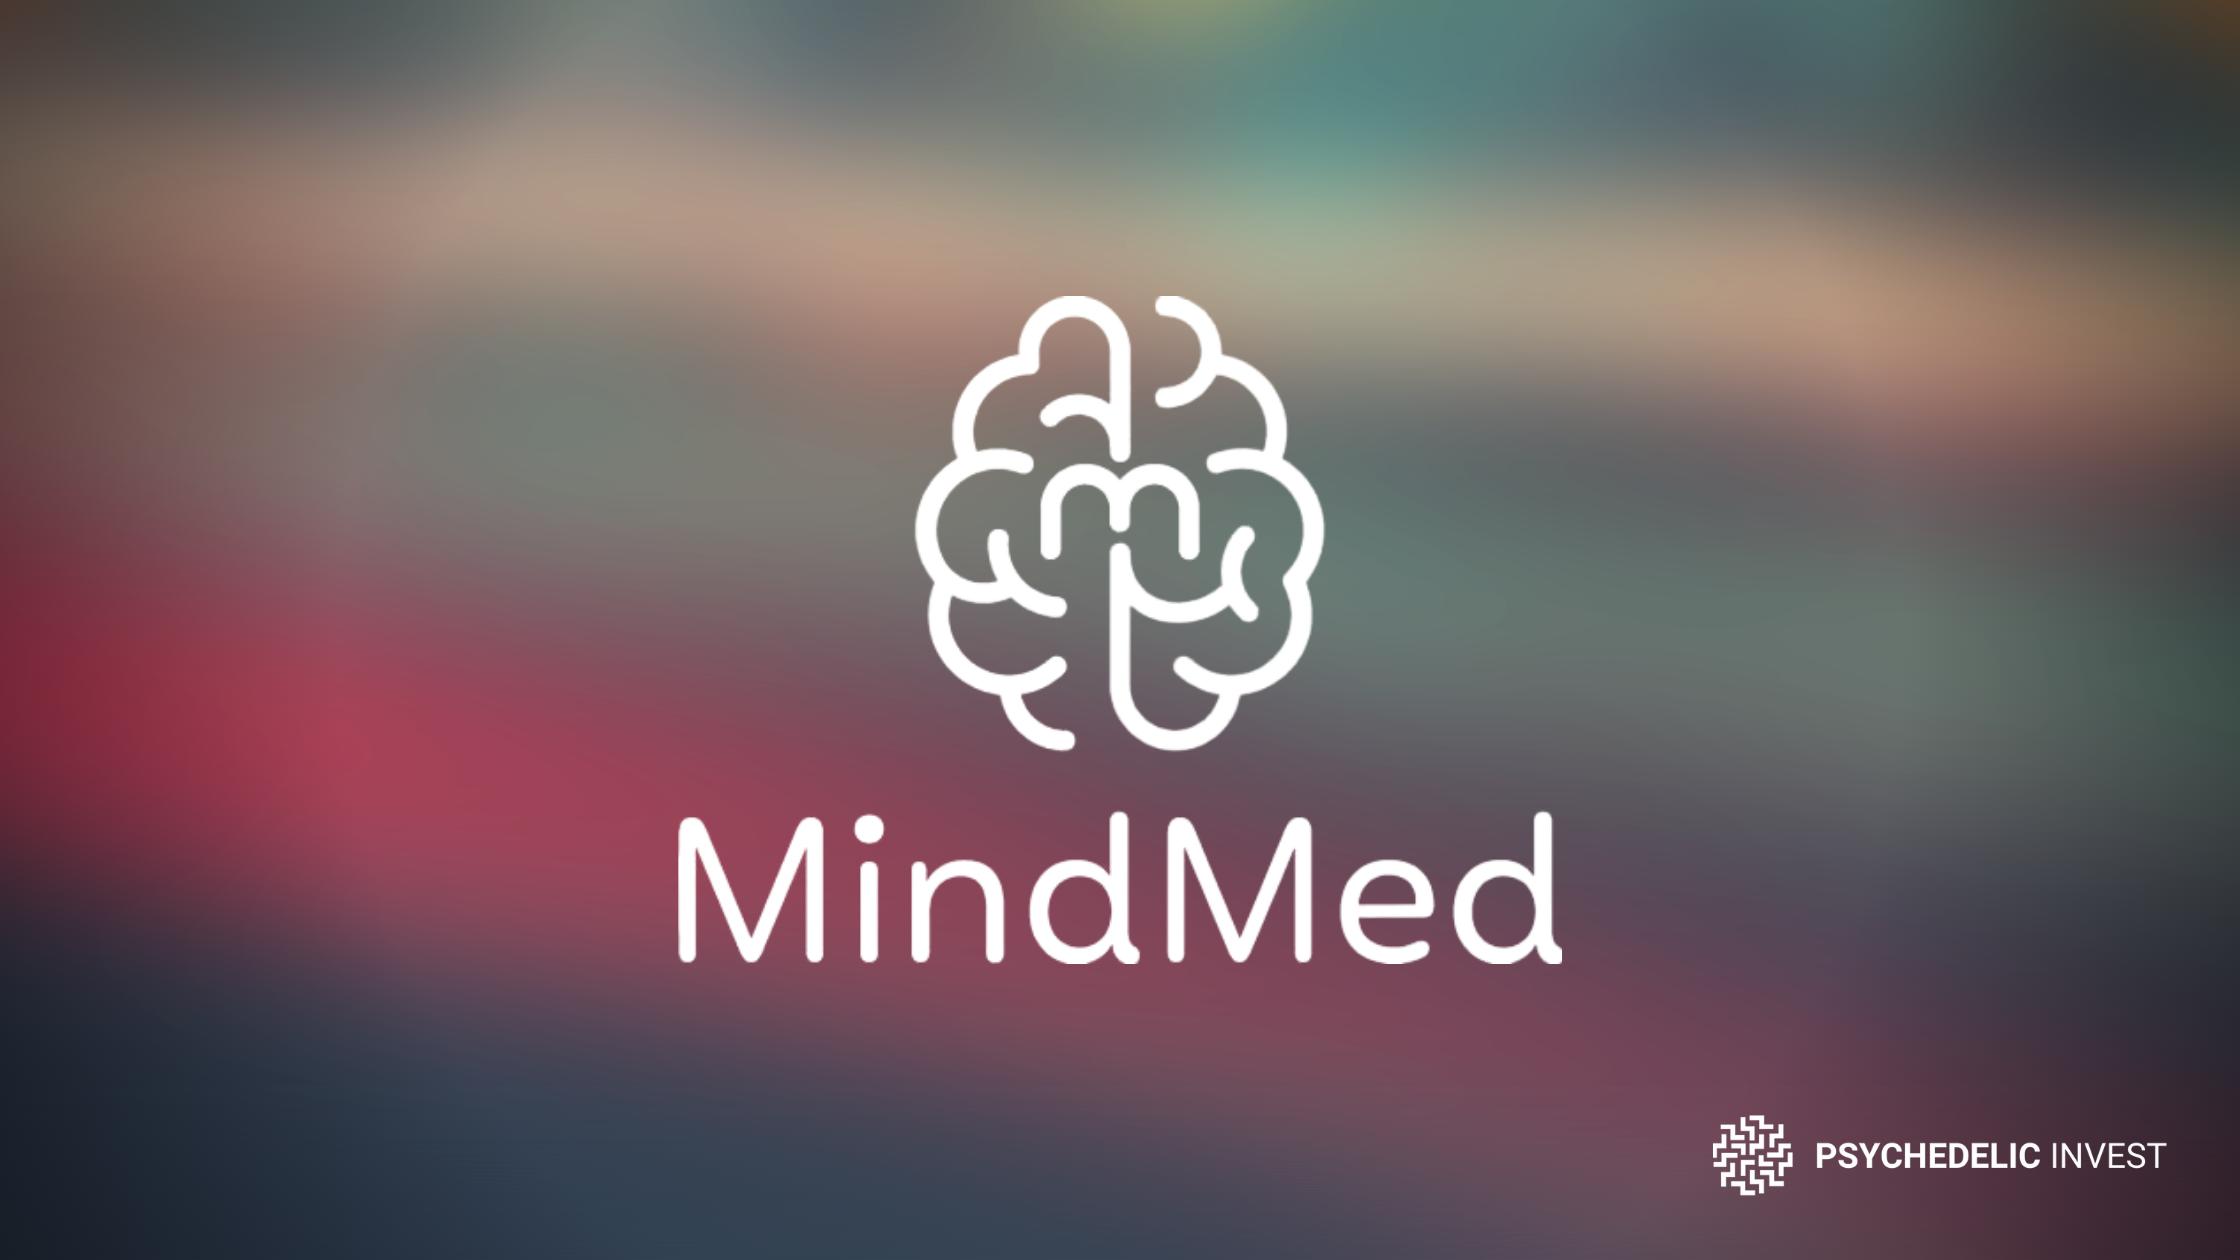 MindMed stock